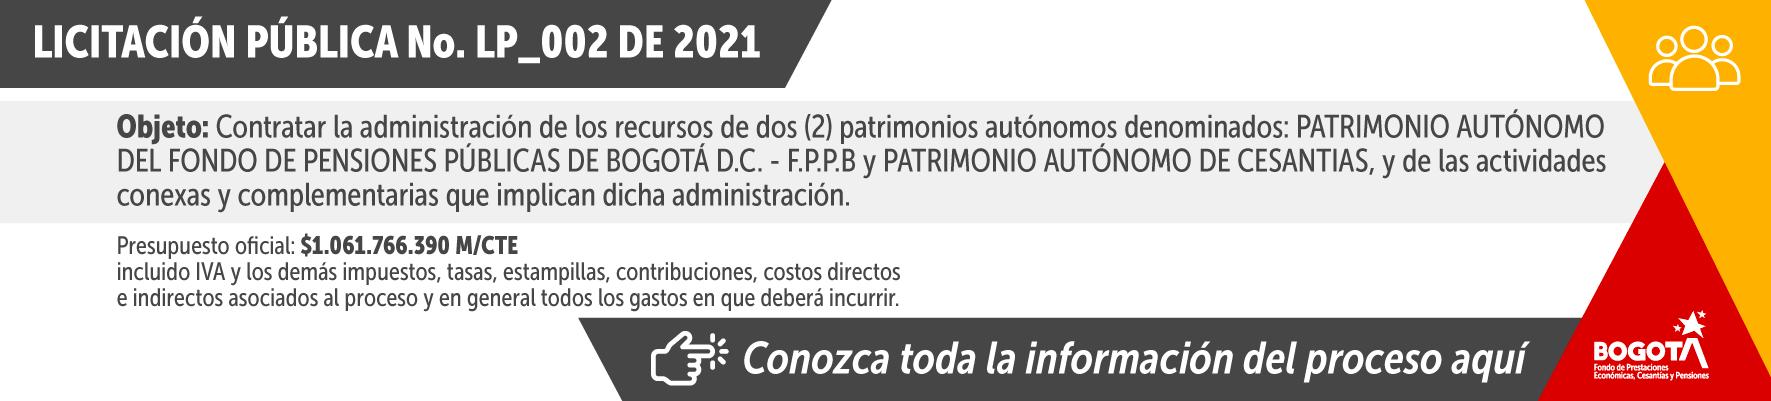 Licitación pública No. LP_002 de 2021 - Haga clic aquí